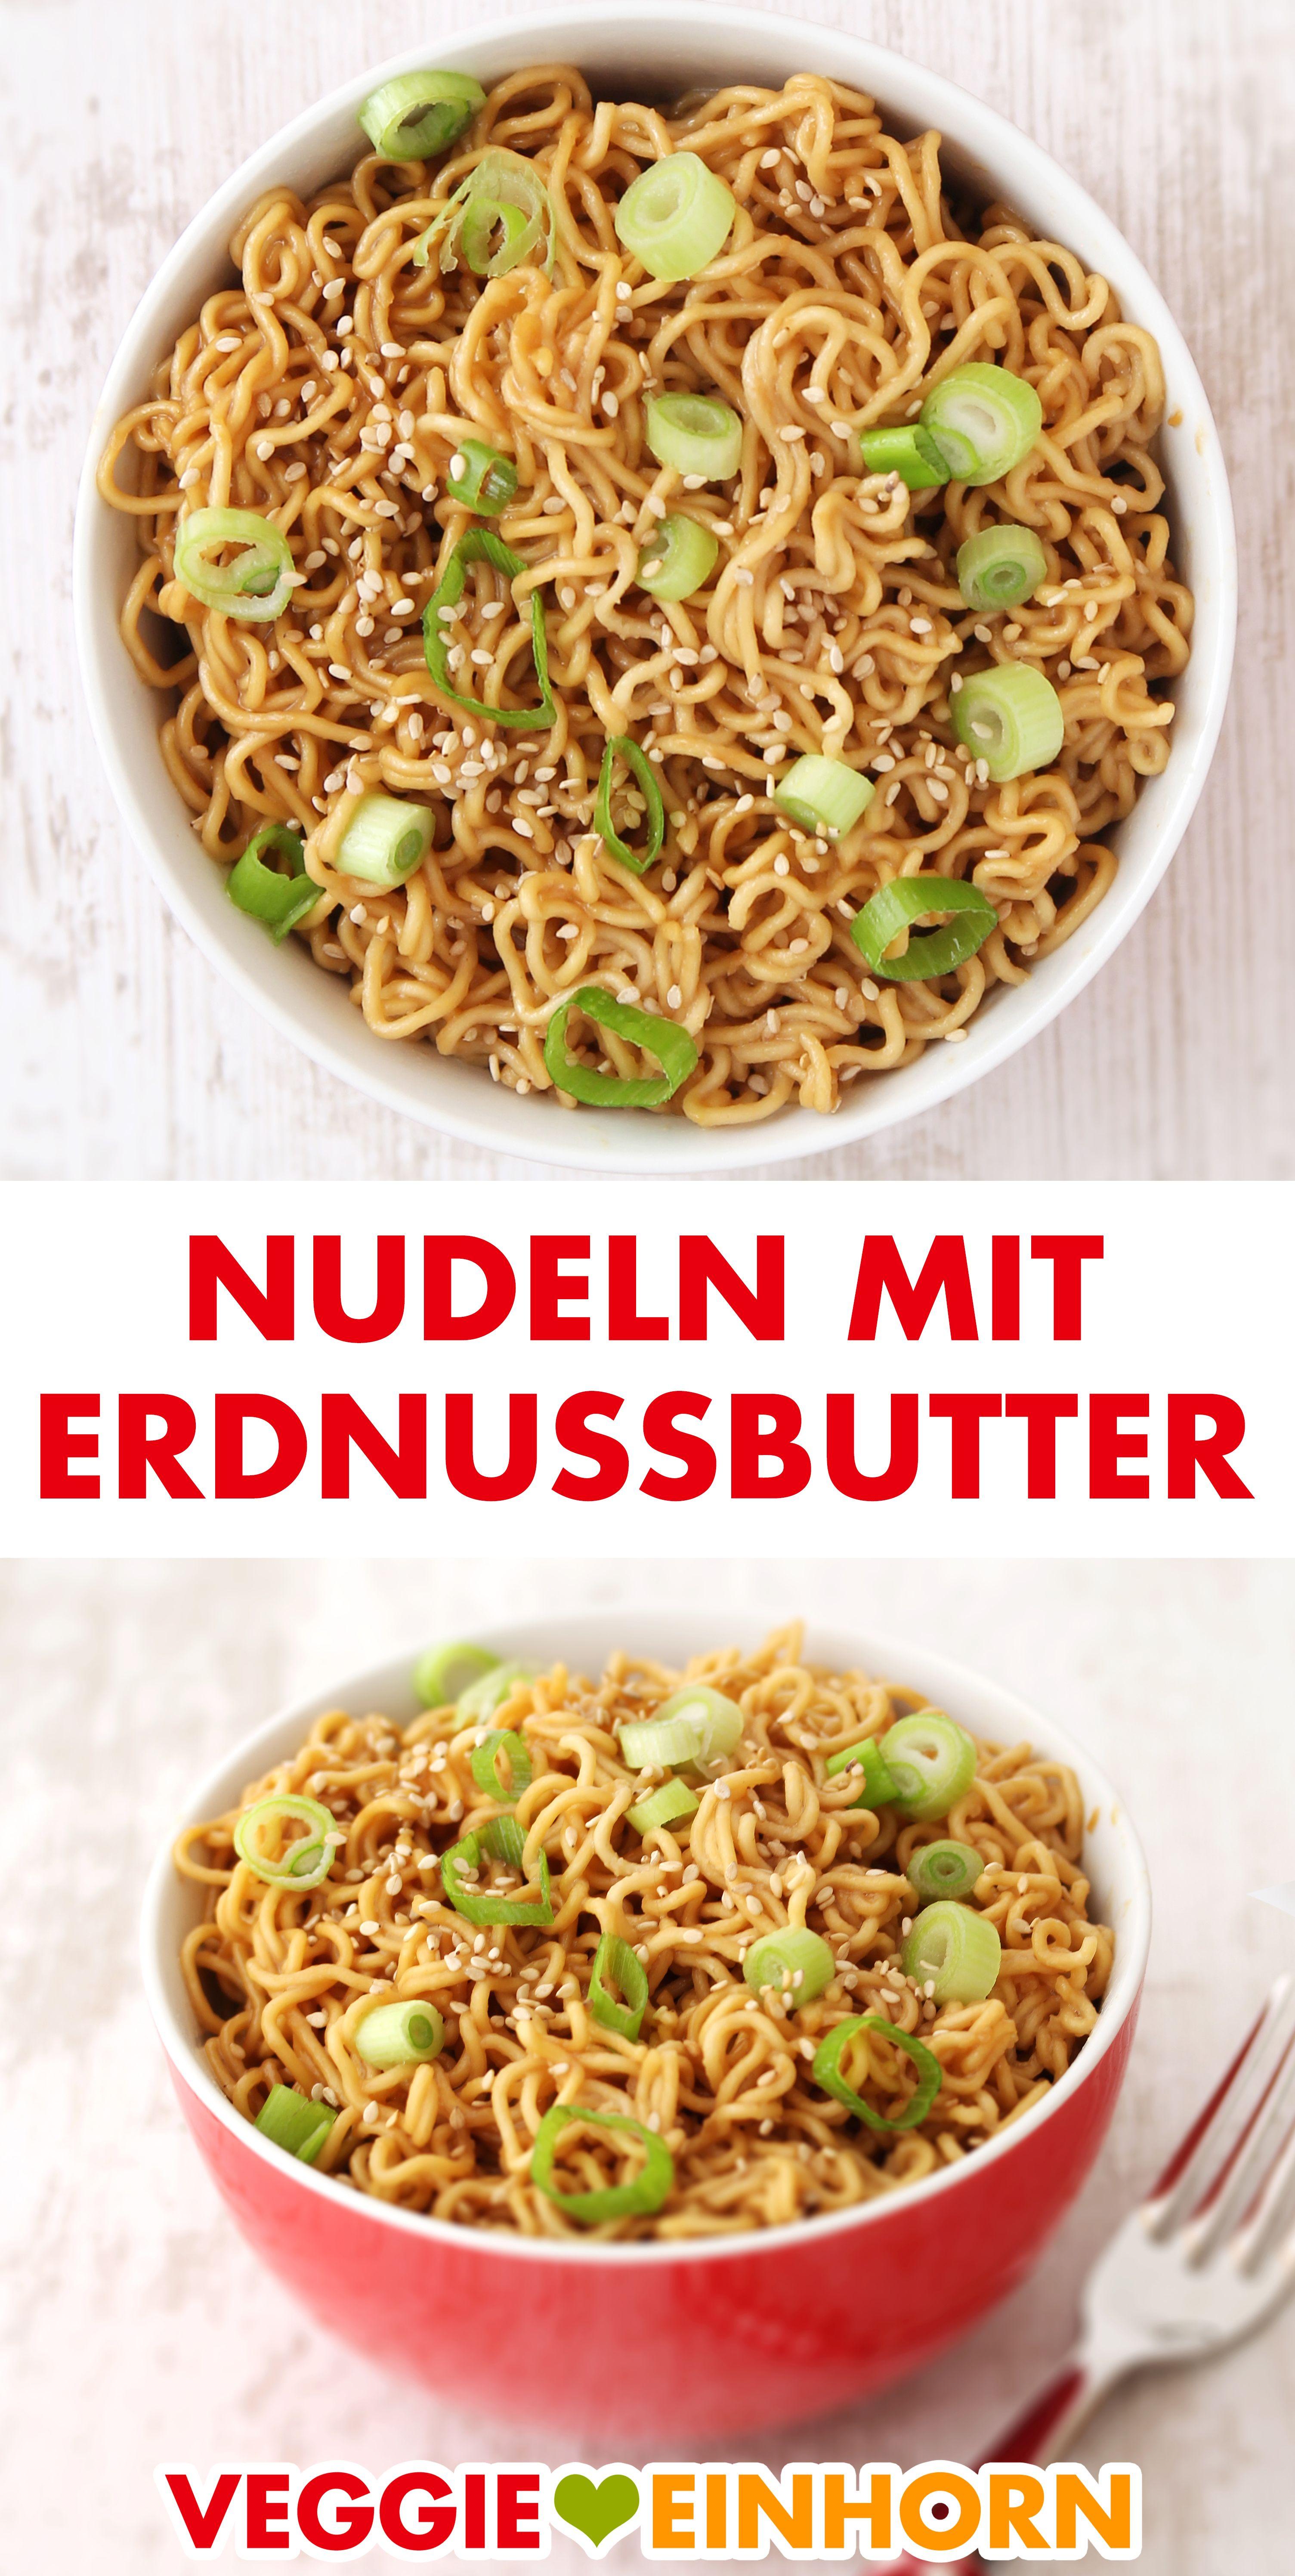 Photo of Asiatische Nudeln mit schneller Erdnussbutter Soße ▶ Einfach und lecker vegan kochen!